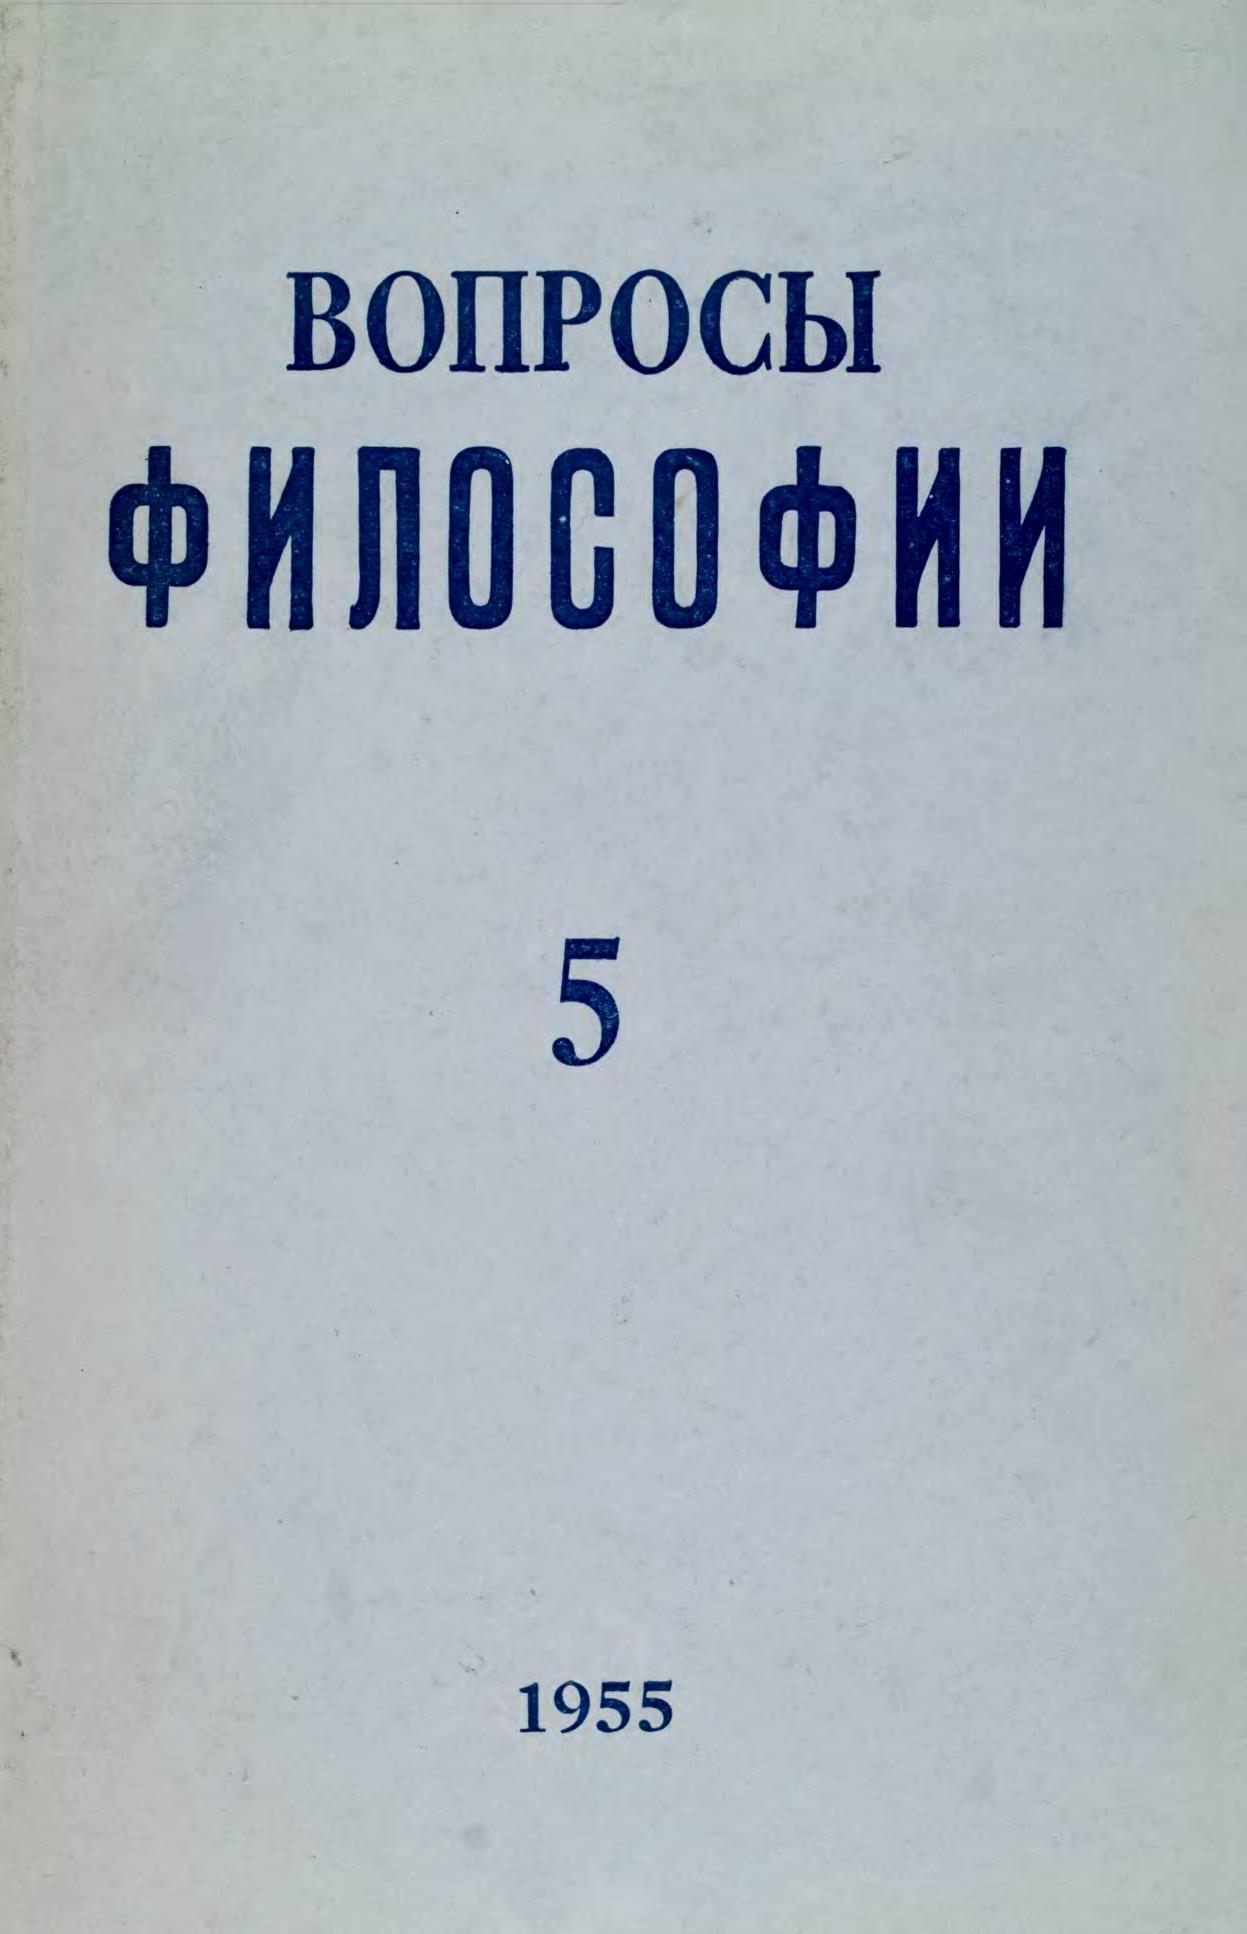 Вопросы философии N5-1955_1